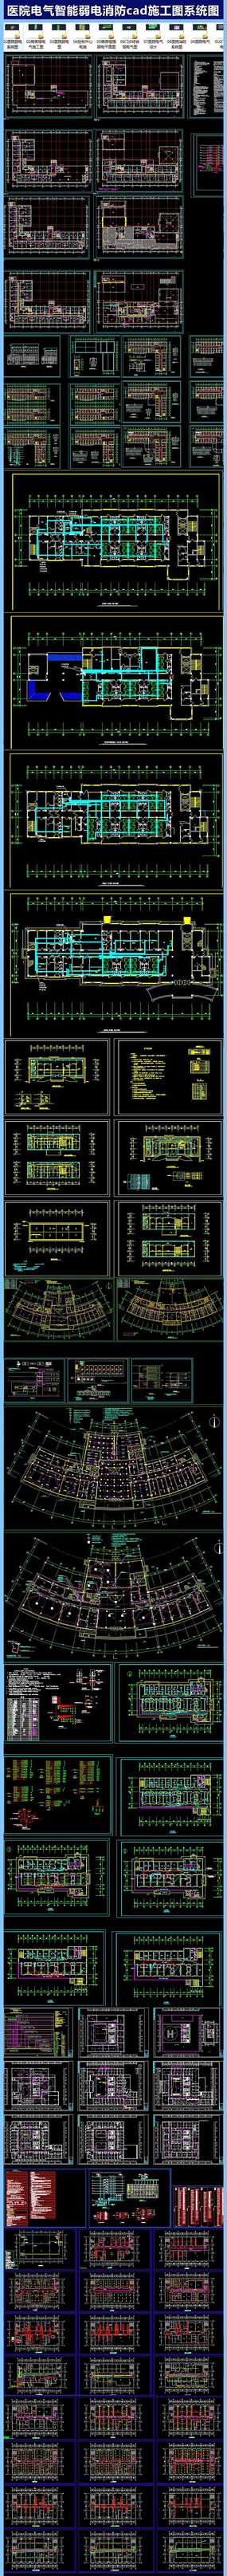 医院电气智能弱电消防cad施工图系统图